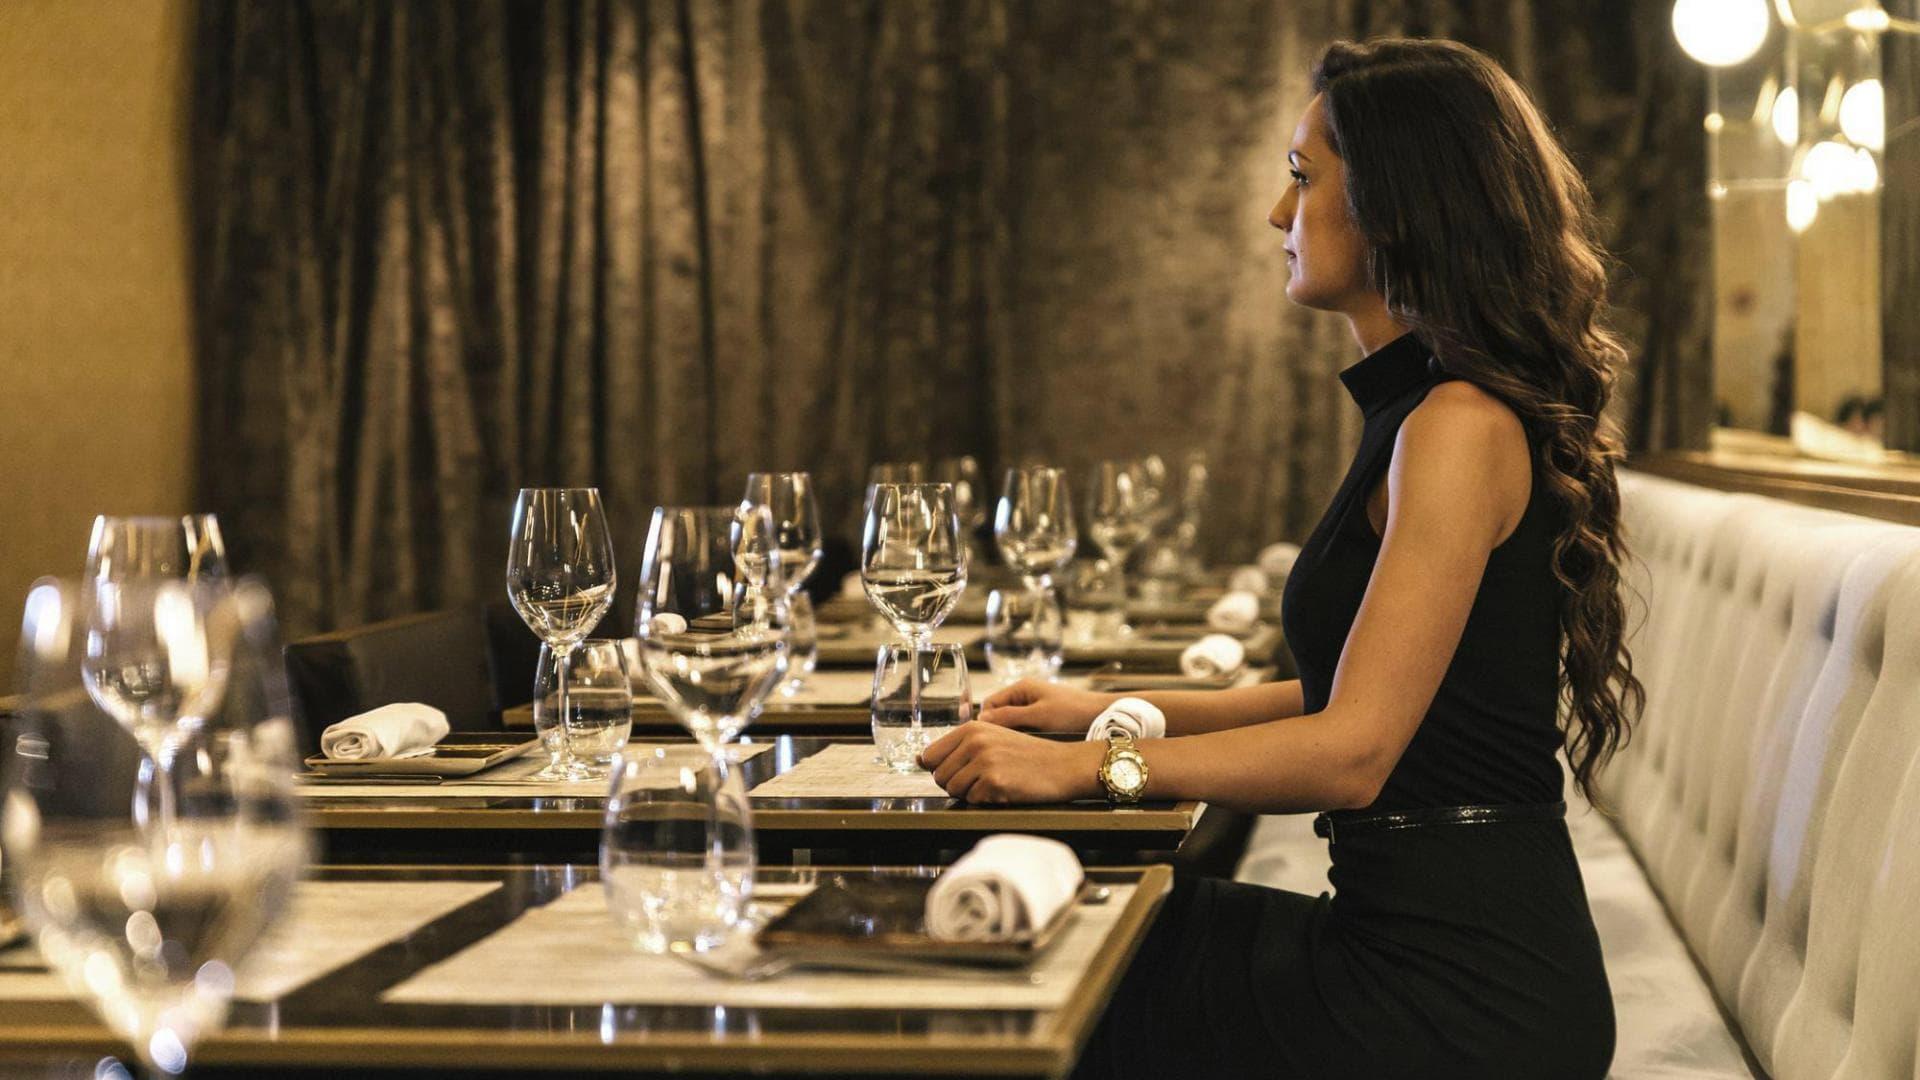 Frau, Restaurant